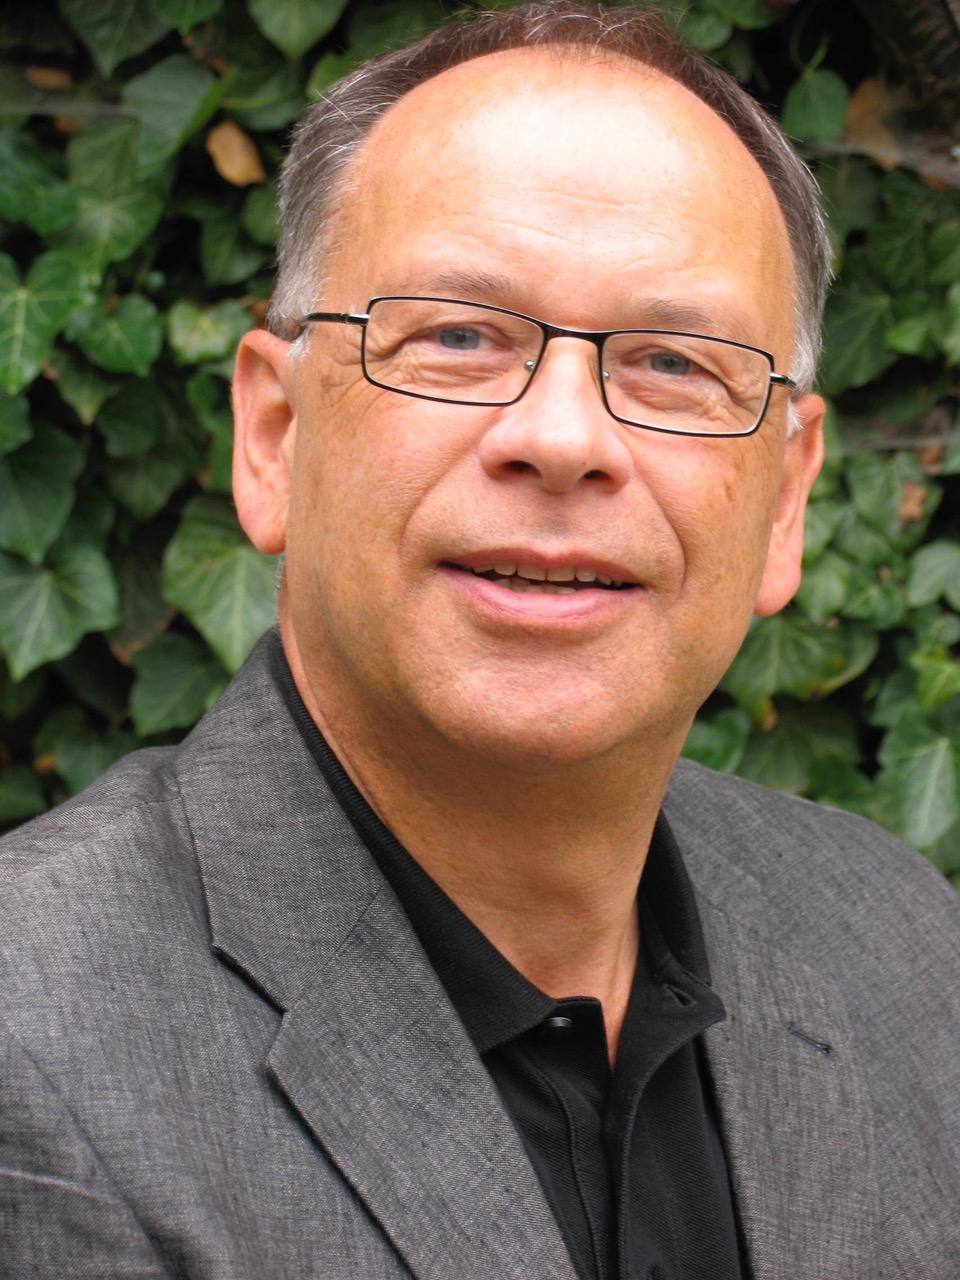 Fritz Auweck